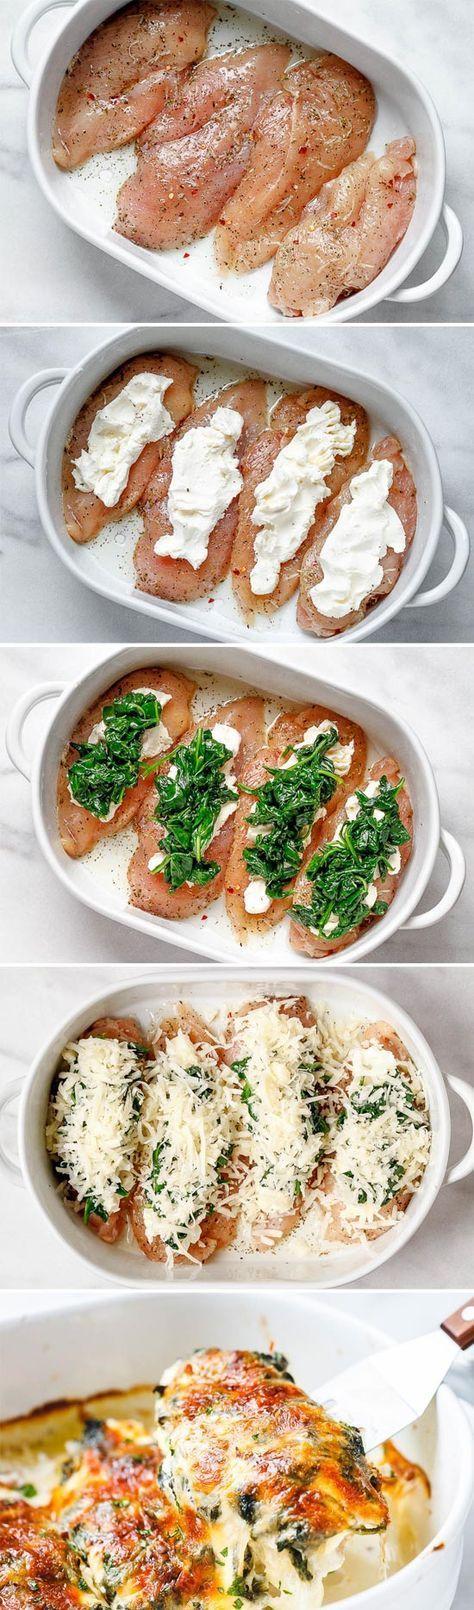 Spinach Chicken Casserole with Cream Cheese and Mozzarella - Rezepte - #Casserole #cheese #Chicken #...